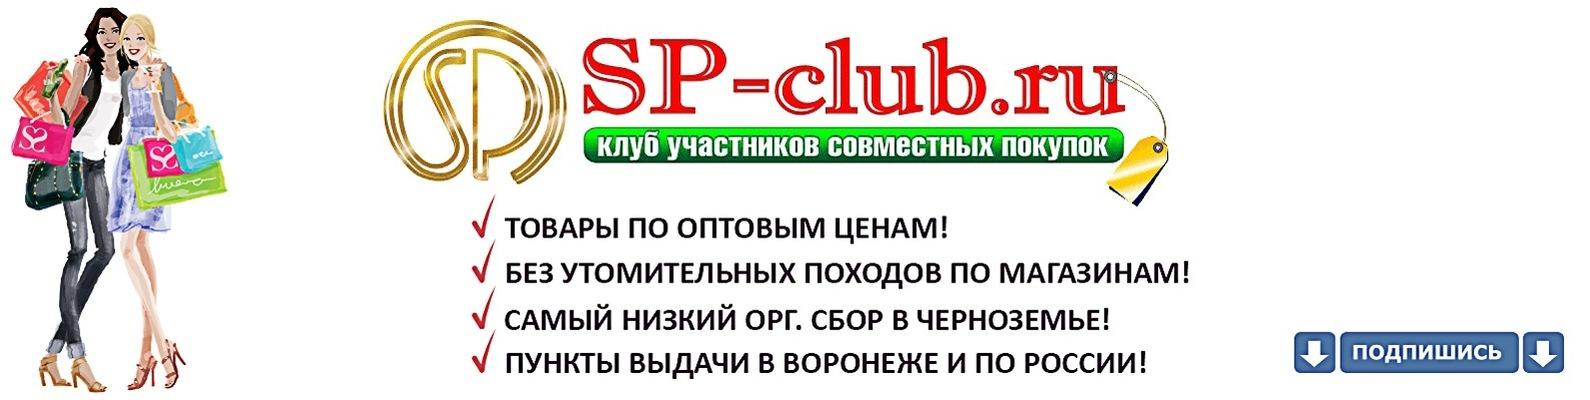 СОВМЕСТНЫЕ ПОКУПКИ SP-CLUB.RU Воронеж, Липецк   ВКонтакте 70de47dd222